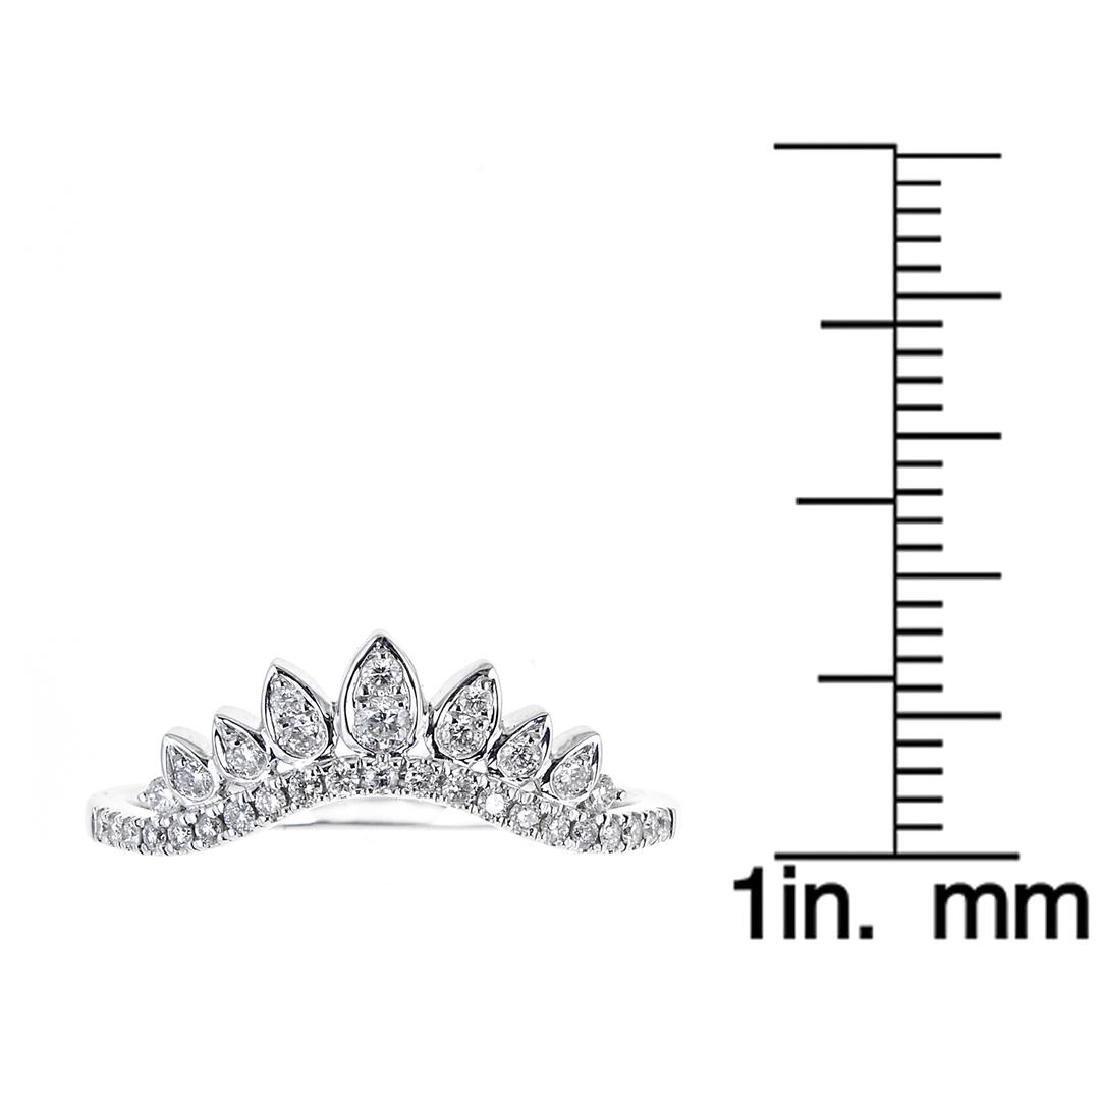 0.26 ctw Diamond Ring - 18KT White Gold - 3